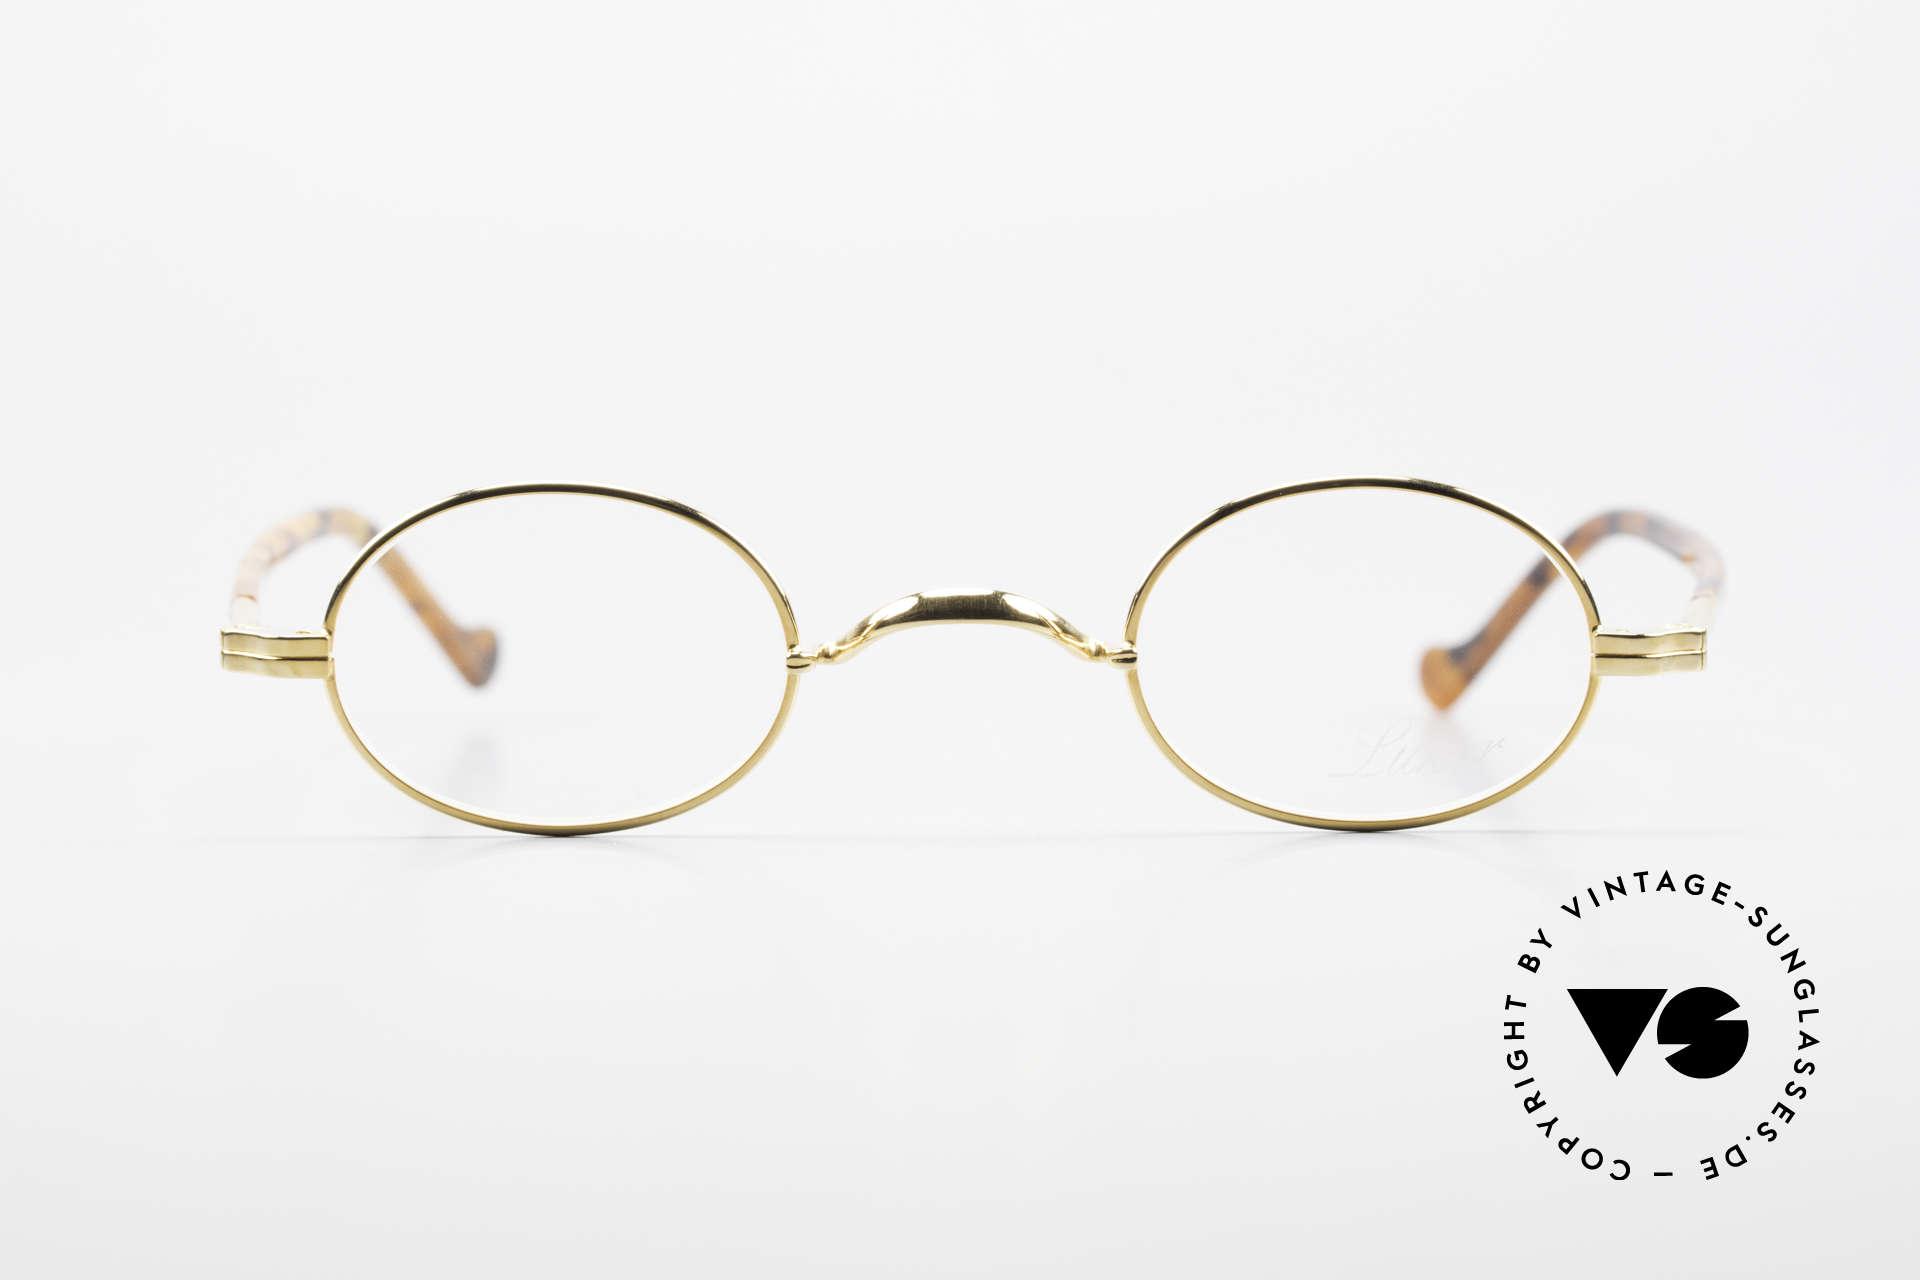 Lunor II A 04 Extra Kleine Brille Oval Vintage, Vollrand-Metallfassung mit eleganten Acetat-Bügeln, Passend für Herren und Damen